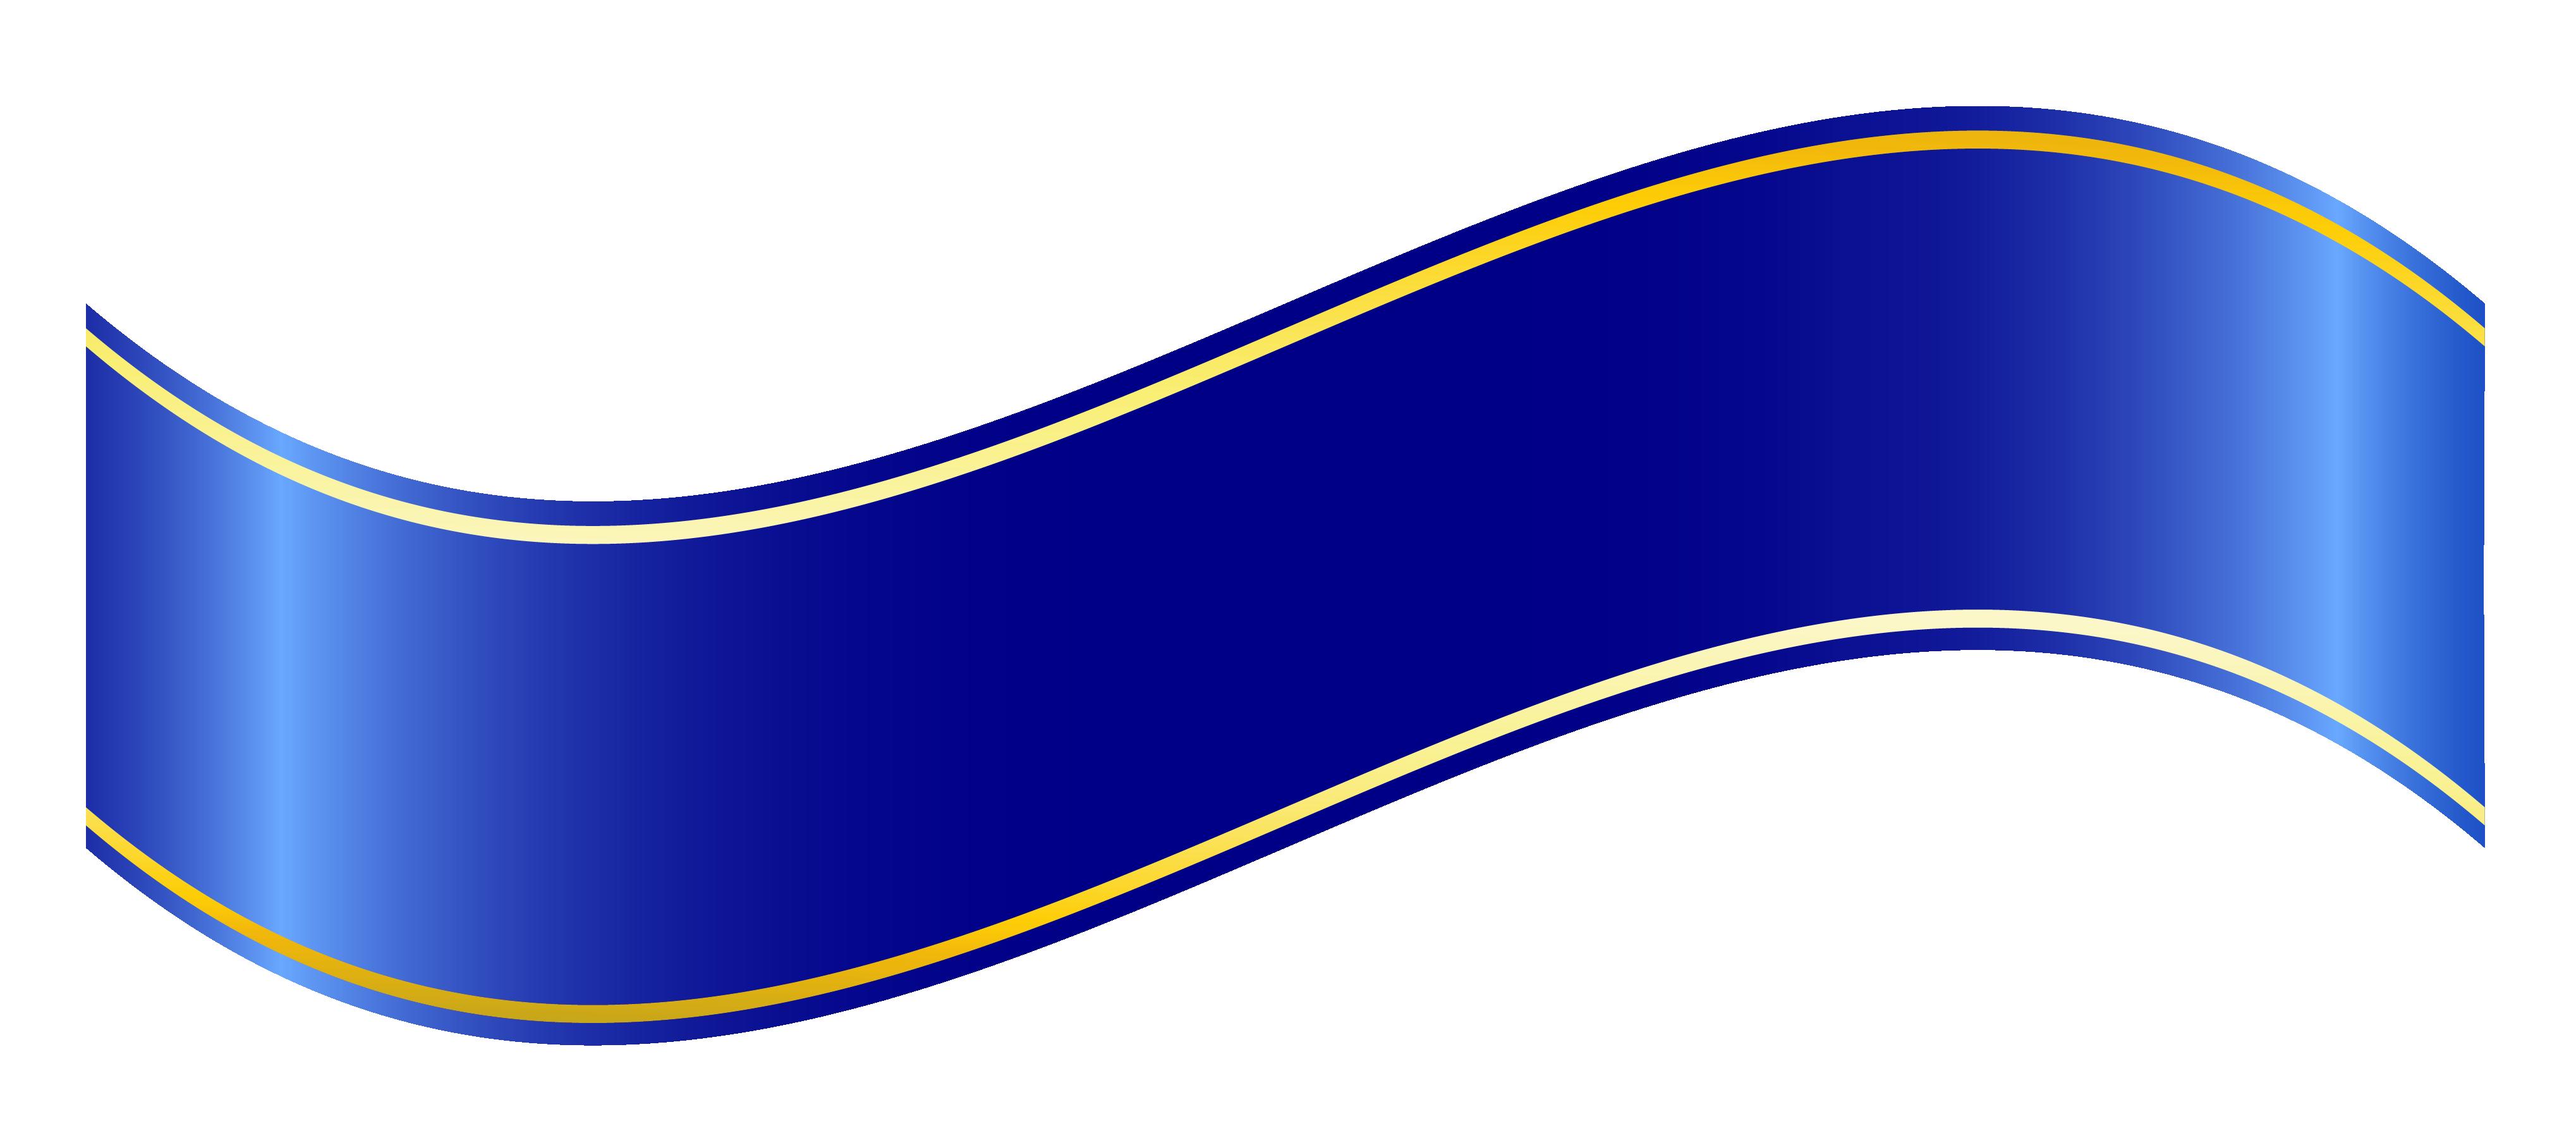 4076x1792 Top 57 Ribbon Clip Art